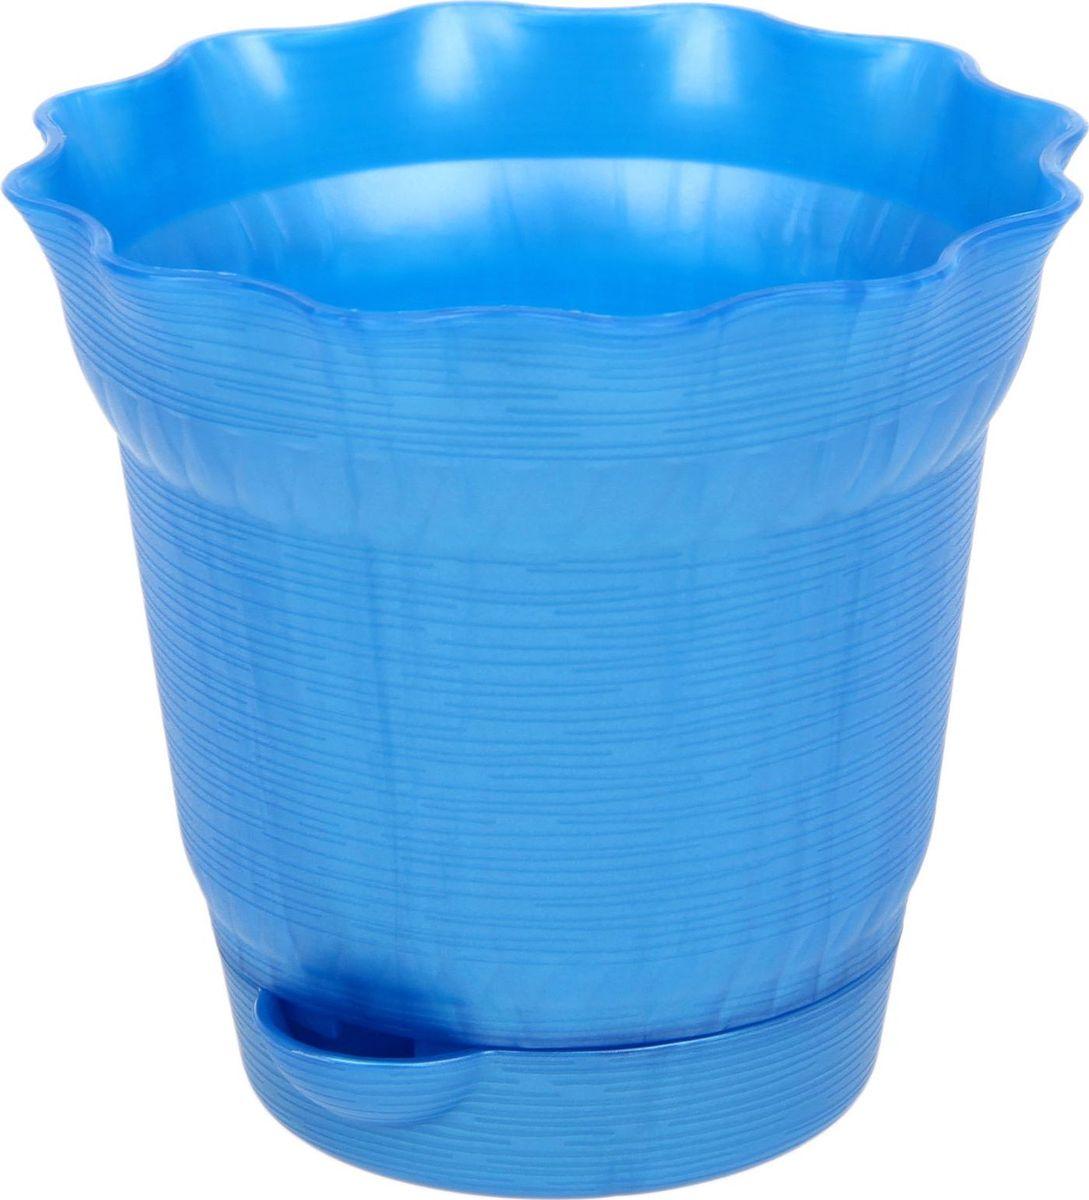 Горшок для цветов ТЕК.А.ТЕК Aquarelle, с поддоном, цвет: синий, 1 л1411765Любой, даже самый современный и продуманный интерьер будет не завершённым без растений. Они не только очищают воздух и насыщают его кислородом, но и заметно украшают окружающее пространство. Такому полезному &laquo члену семьи&raquoпросто необходимо красивое и функциональное кашпо, оригинальный горшок или необычная ваза! Мы предлагаем - Горшок для цветов 1 л с поддоном Aquarelle, d=14 см, цвет синий!Оптимальный выбор материала &mdash &nbsp пластмасса! Почему мы так считаем? Малый вес. С лёгкостью переносите горшки и кашпо с места на место, ставьте их на столики или полки, подвешивайте под потолок, не беспокоясь о нагрузке. Простота ухода. Пластиковые изделия не нуждаются в специальных условиях хранения. Их&nbsp легко чистить &mdashдостаточно просто сполоснуть тёплой водой. Никаких царапин. Пластиковые кашпо не царапают и не загрязняют поверхности, на которых стоят. Пластик дольше хранит влагу, а значит &mdashрастение реже нуждается в поливе. Пластмасса не пропускает воздух &mdashкорневой системе растения не грозят резкие перепады температур. Огромный выбор форм, декора и расцветок &mdashвы без труда подберёте что-то, что идеально впишется в уже существующий интерьер.Соблюдая нехитрые правила ухода, вы можете заметно продлить срок службы горшков, вазонов и кашпо из пластика: всегда учитывайте размер кроны и корневой системы растения (при разрастании большое растение способно повредить маленький горшок)берегите изделие от воздействия прямых солнечных лучей, чтобы кашпо и горшки не выцветалидержите кашпо и горшки из пластика подальше от нагревающихся поверхностей.Создавайте прекрасные цветочные композиции, выращивайте рассаду или необычные растения, а низкие цены позволят вам не ограничивать себя в выборе.